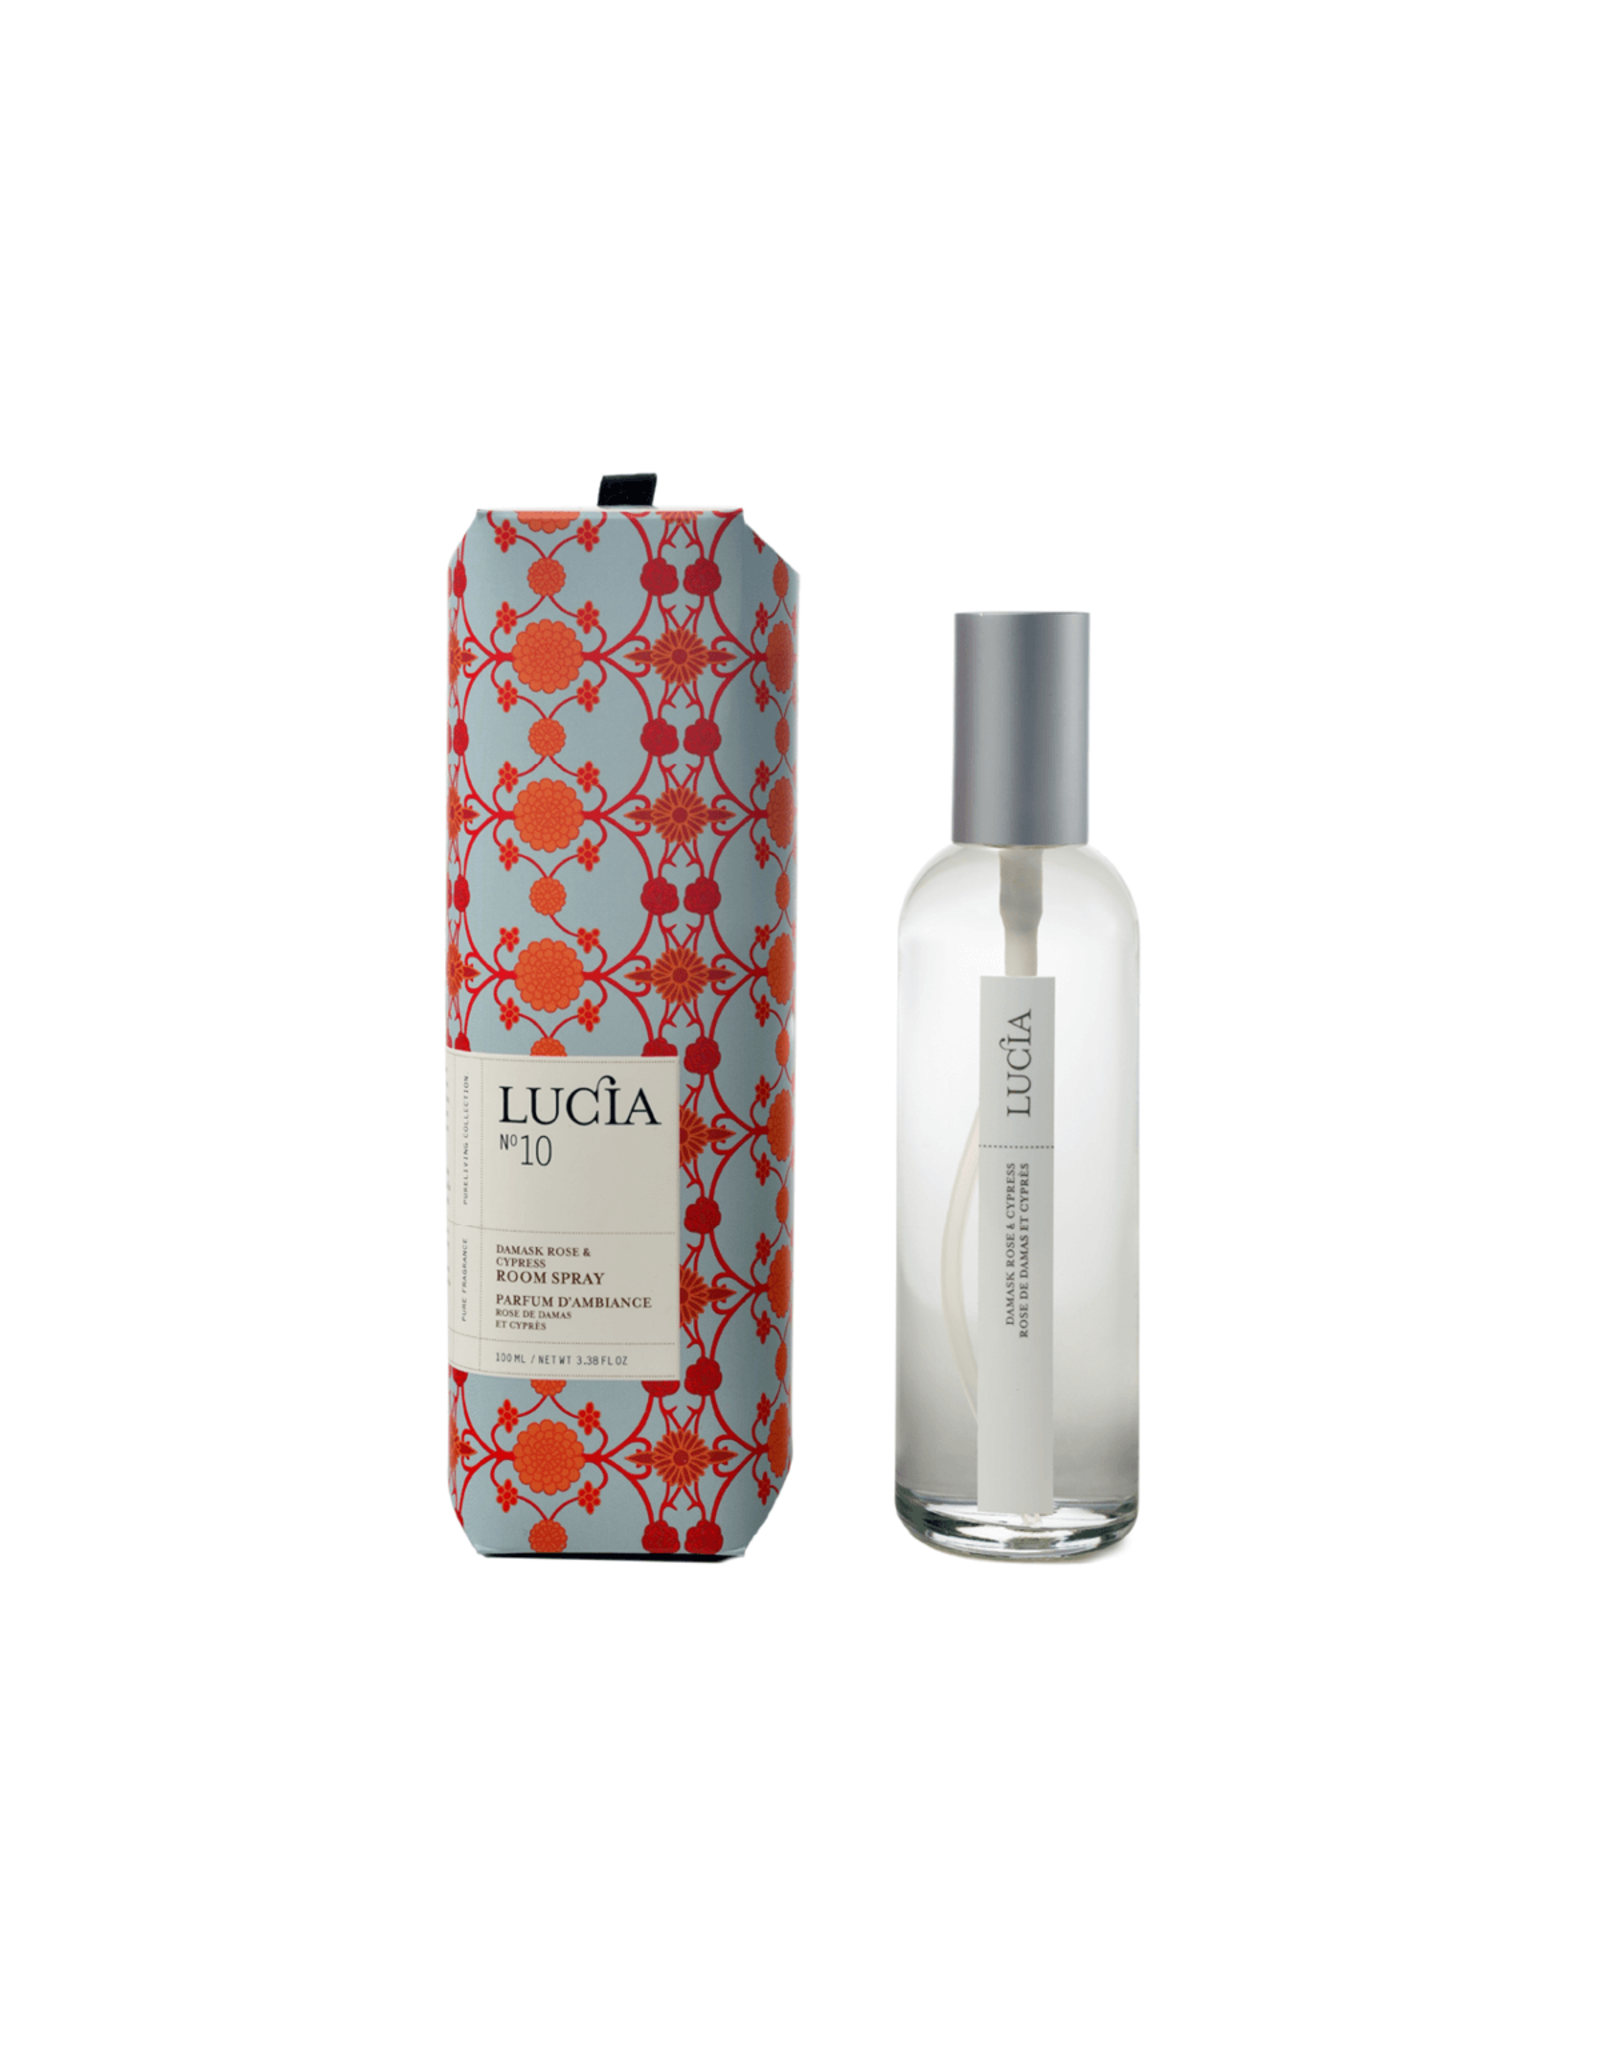 Lucia # 10: Parfum d'ambiance rose de damas et cyprès (100 ml)